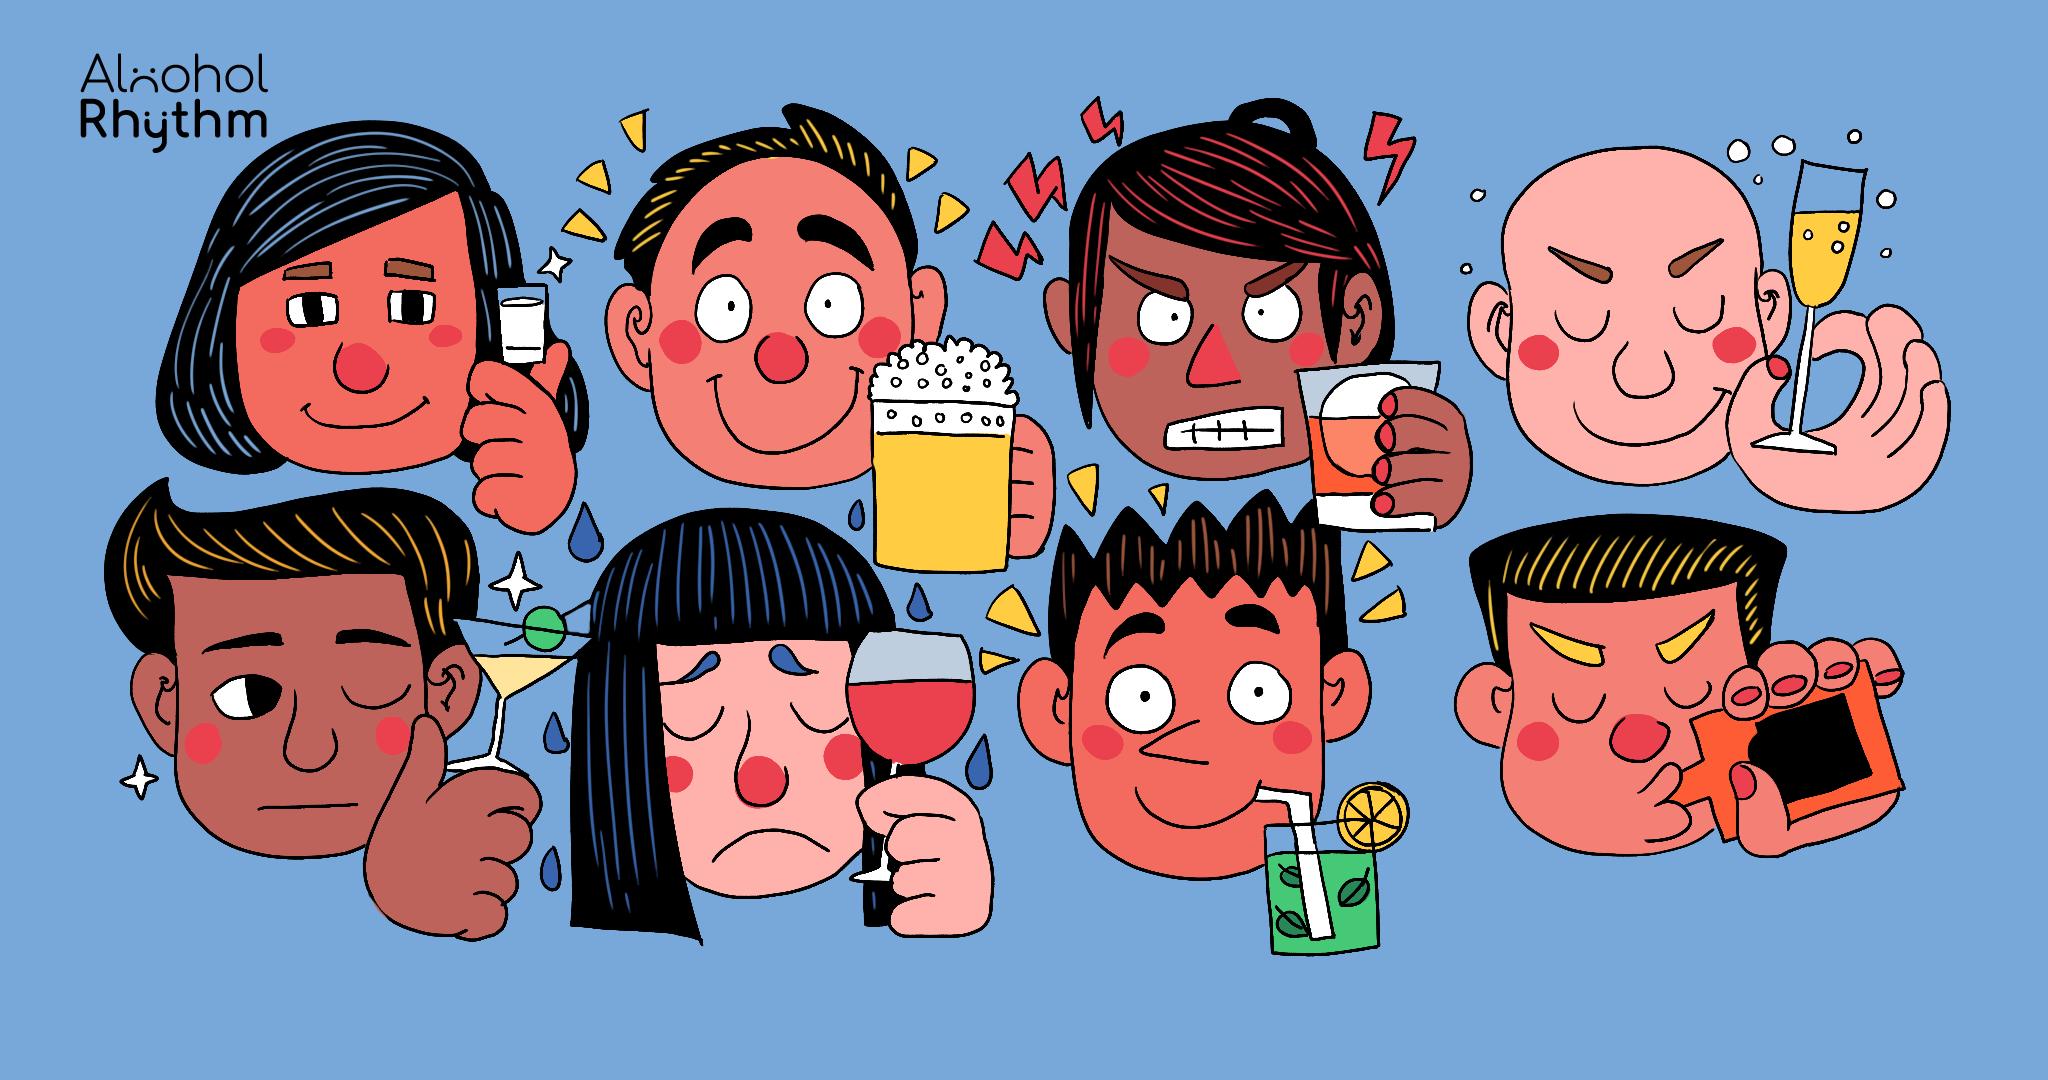 ดื่มเบียร์แล้วชิล ดื่มเหล้าแล้วก้าวร้าว? ความเชื่อผิดๆ ที่ว่าดื่มเครื่องดื่มแอลกอฮอล์ต่างชนิดก็ทำให้เมาต่างมู้ด